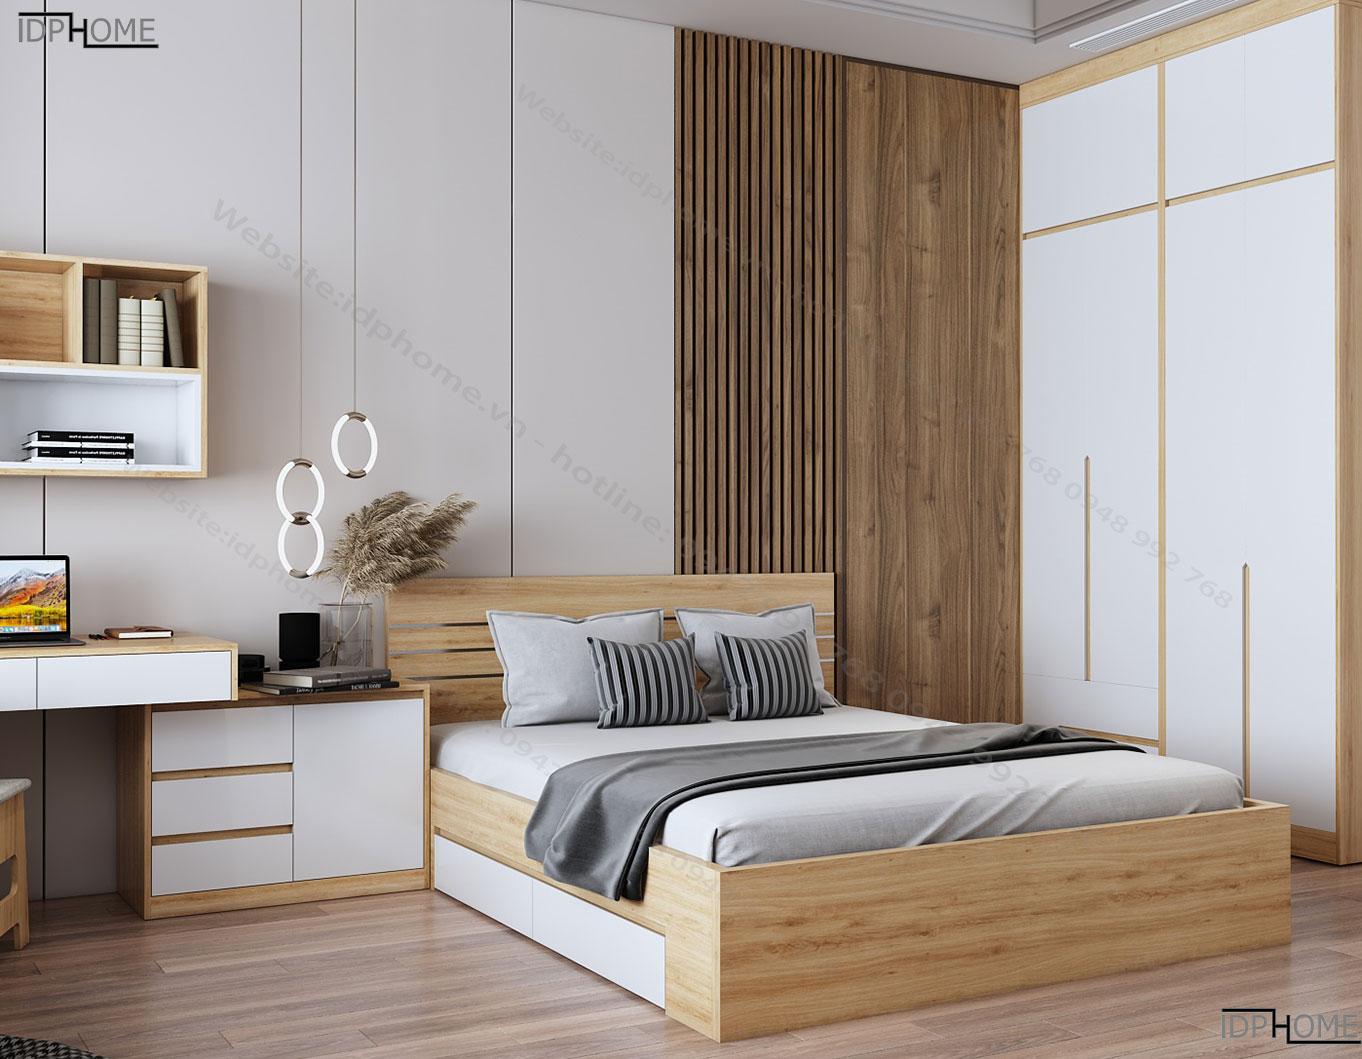 Mẫu giường ngủ gỗ công nghiệp GD6801